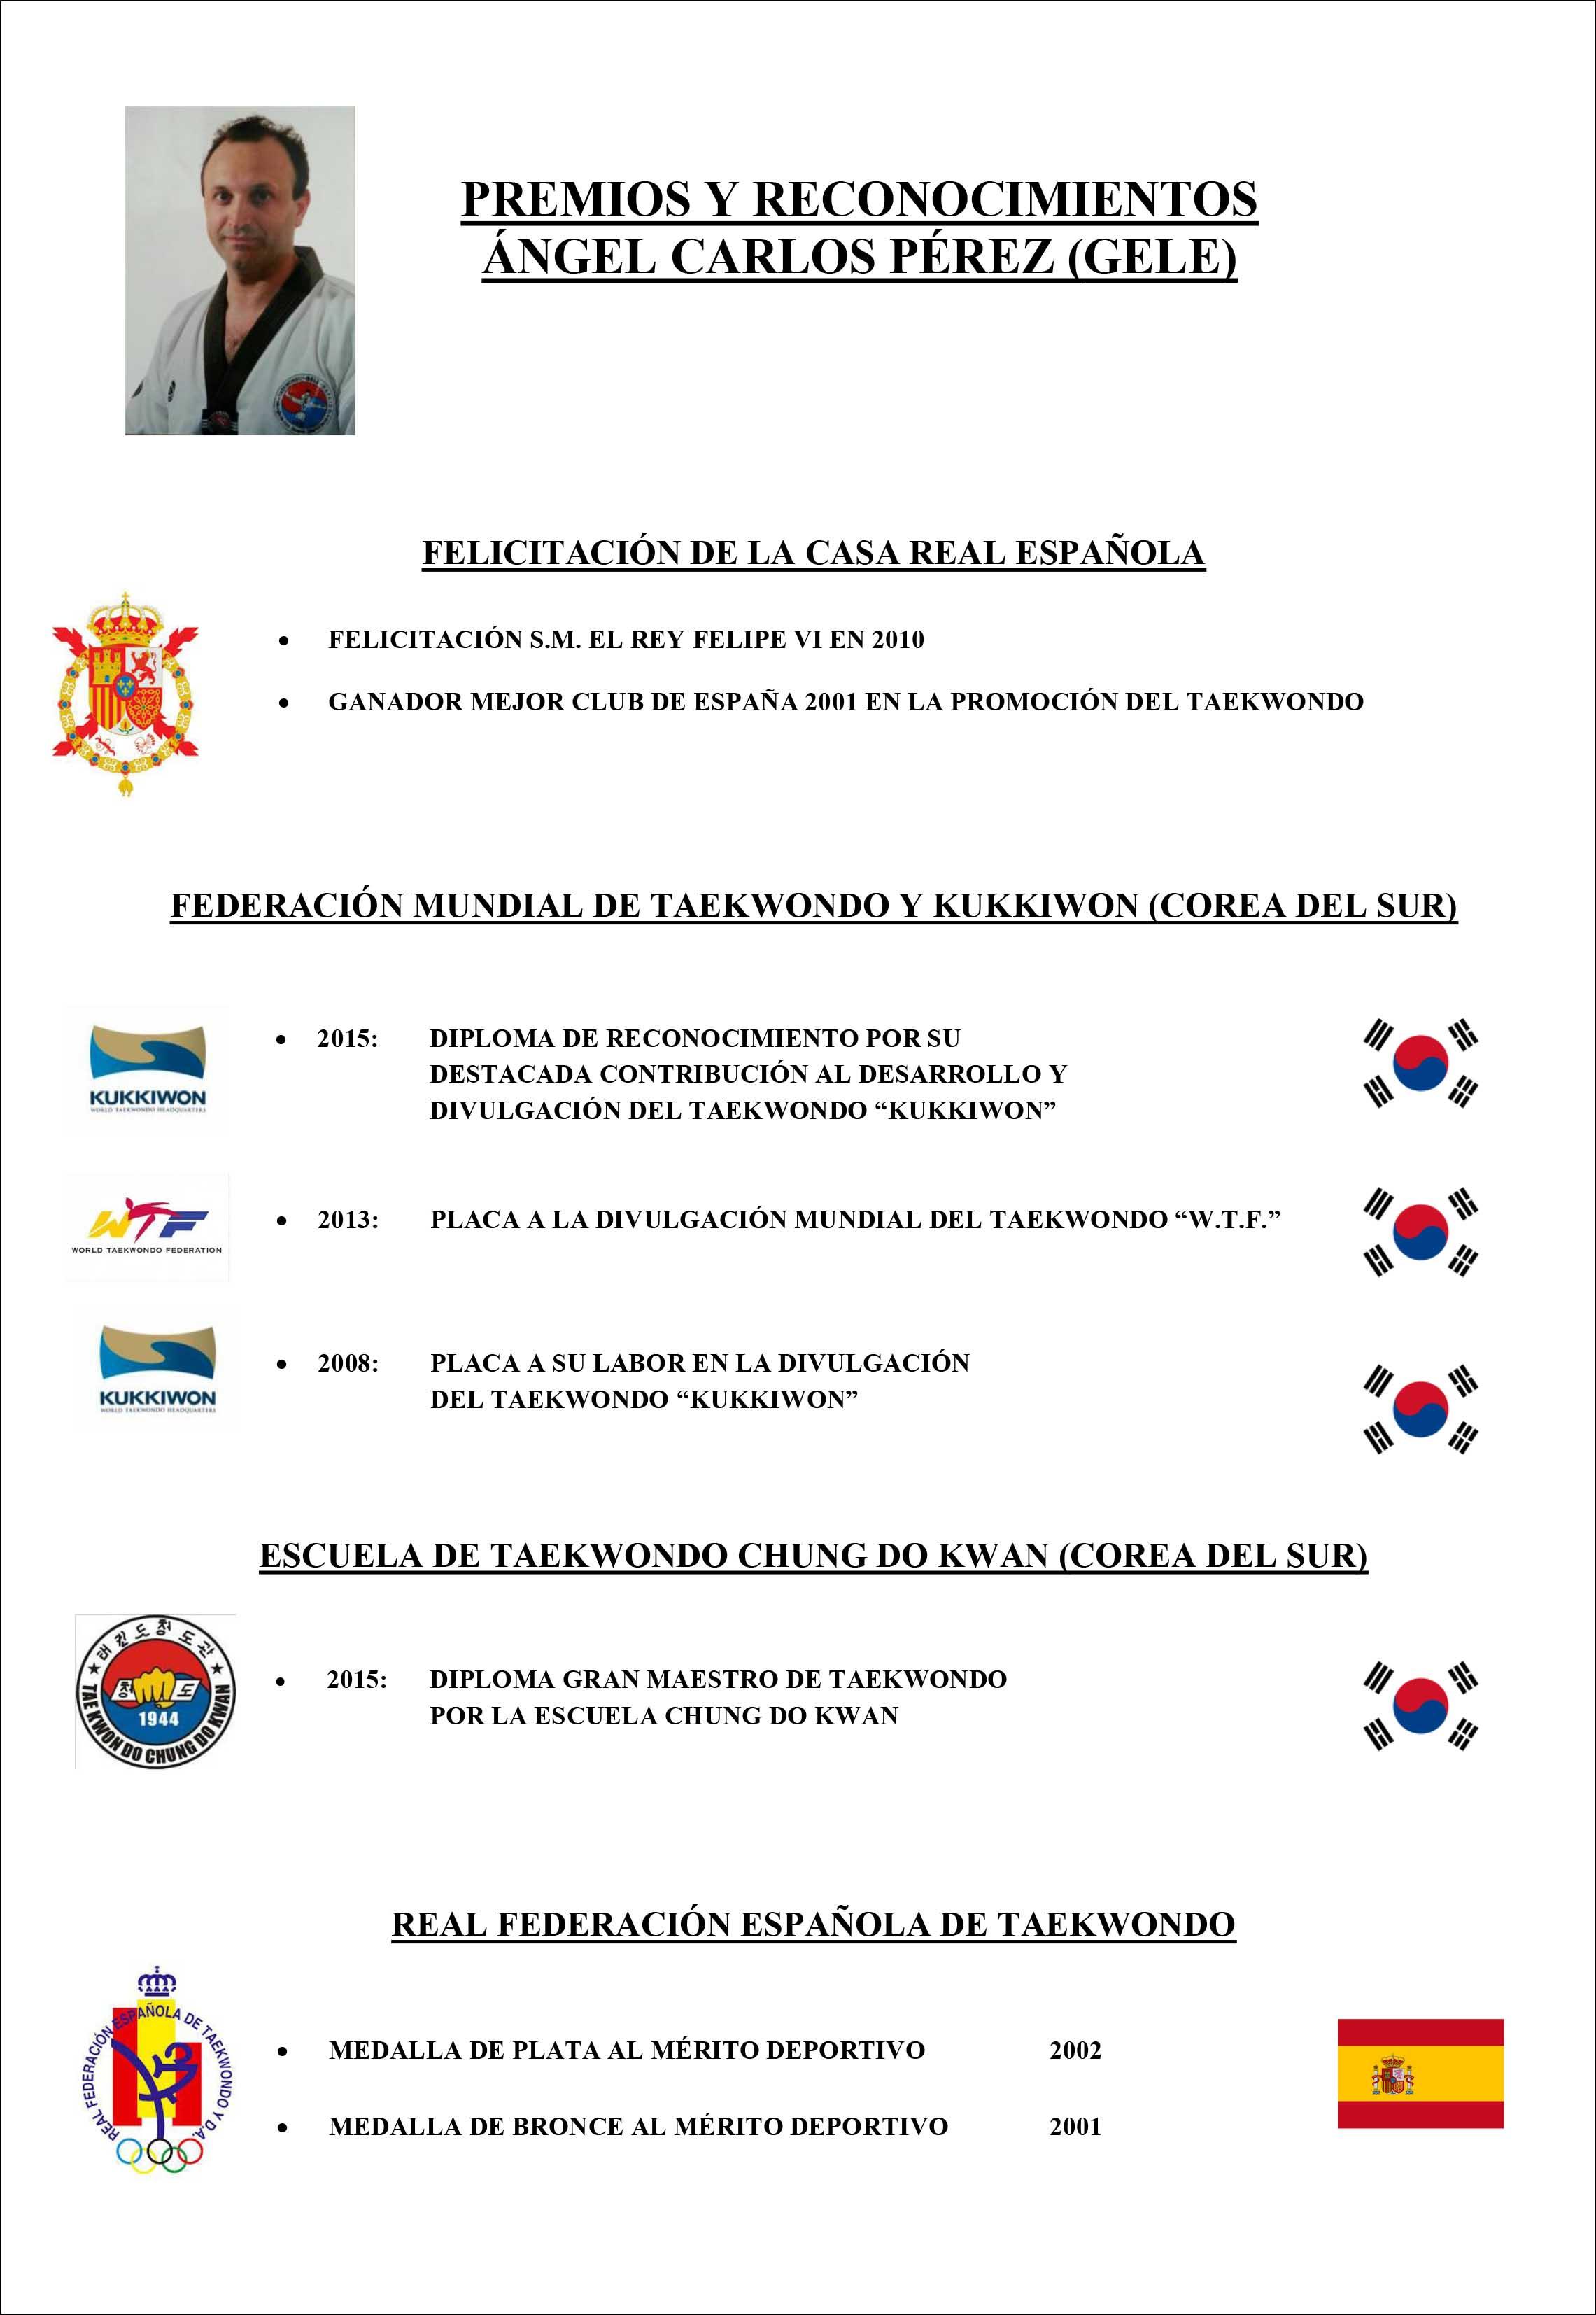 CV-GELE-e-historia-club-actualizado-a-26-07-2016-4